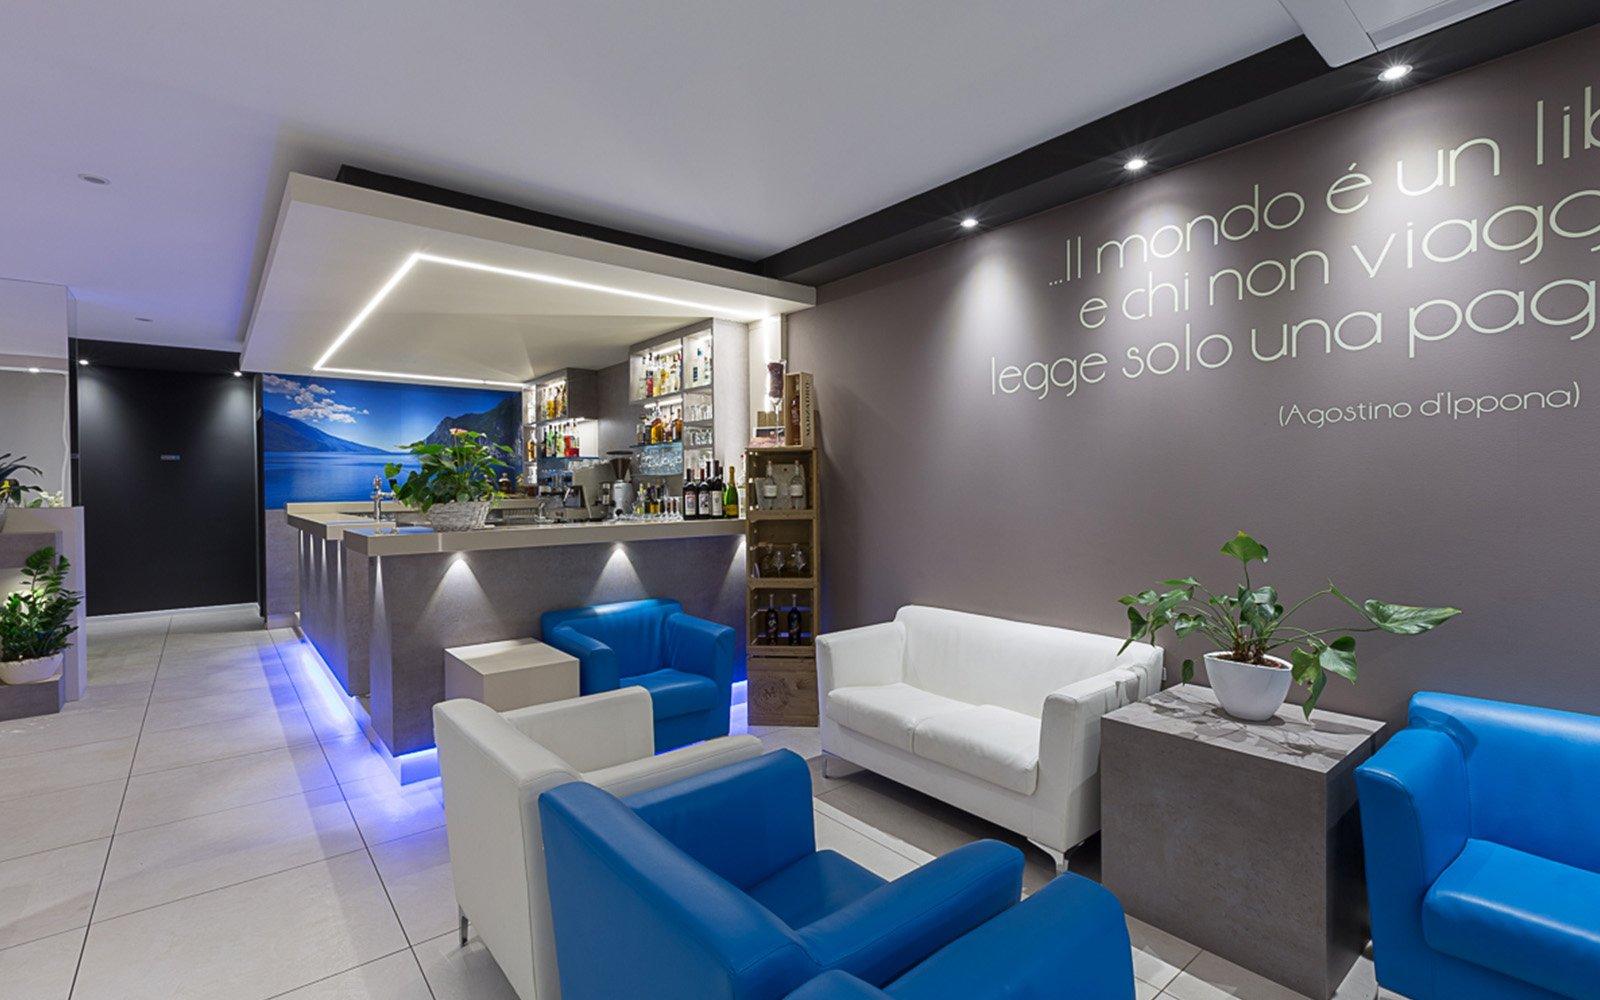 interno di un bar con divanetti blu e bianchi